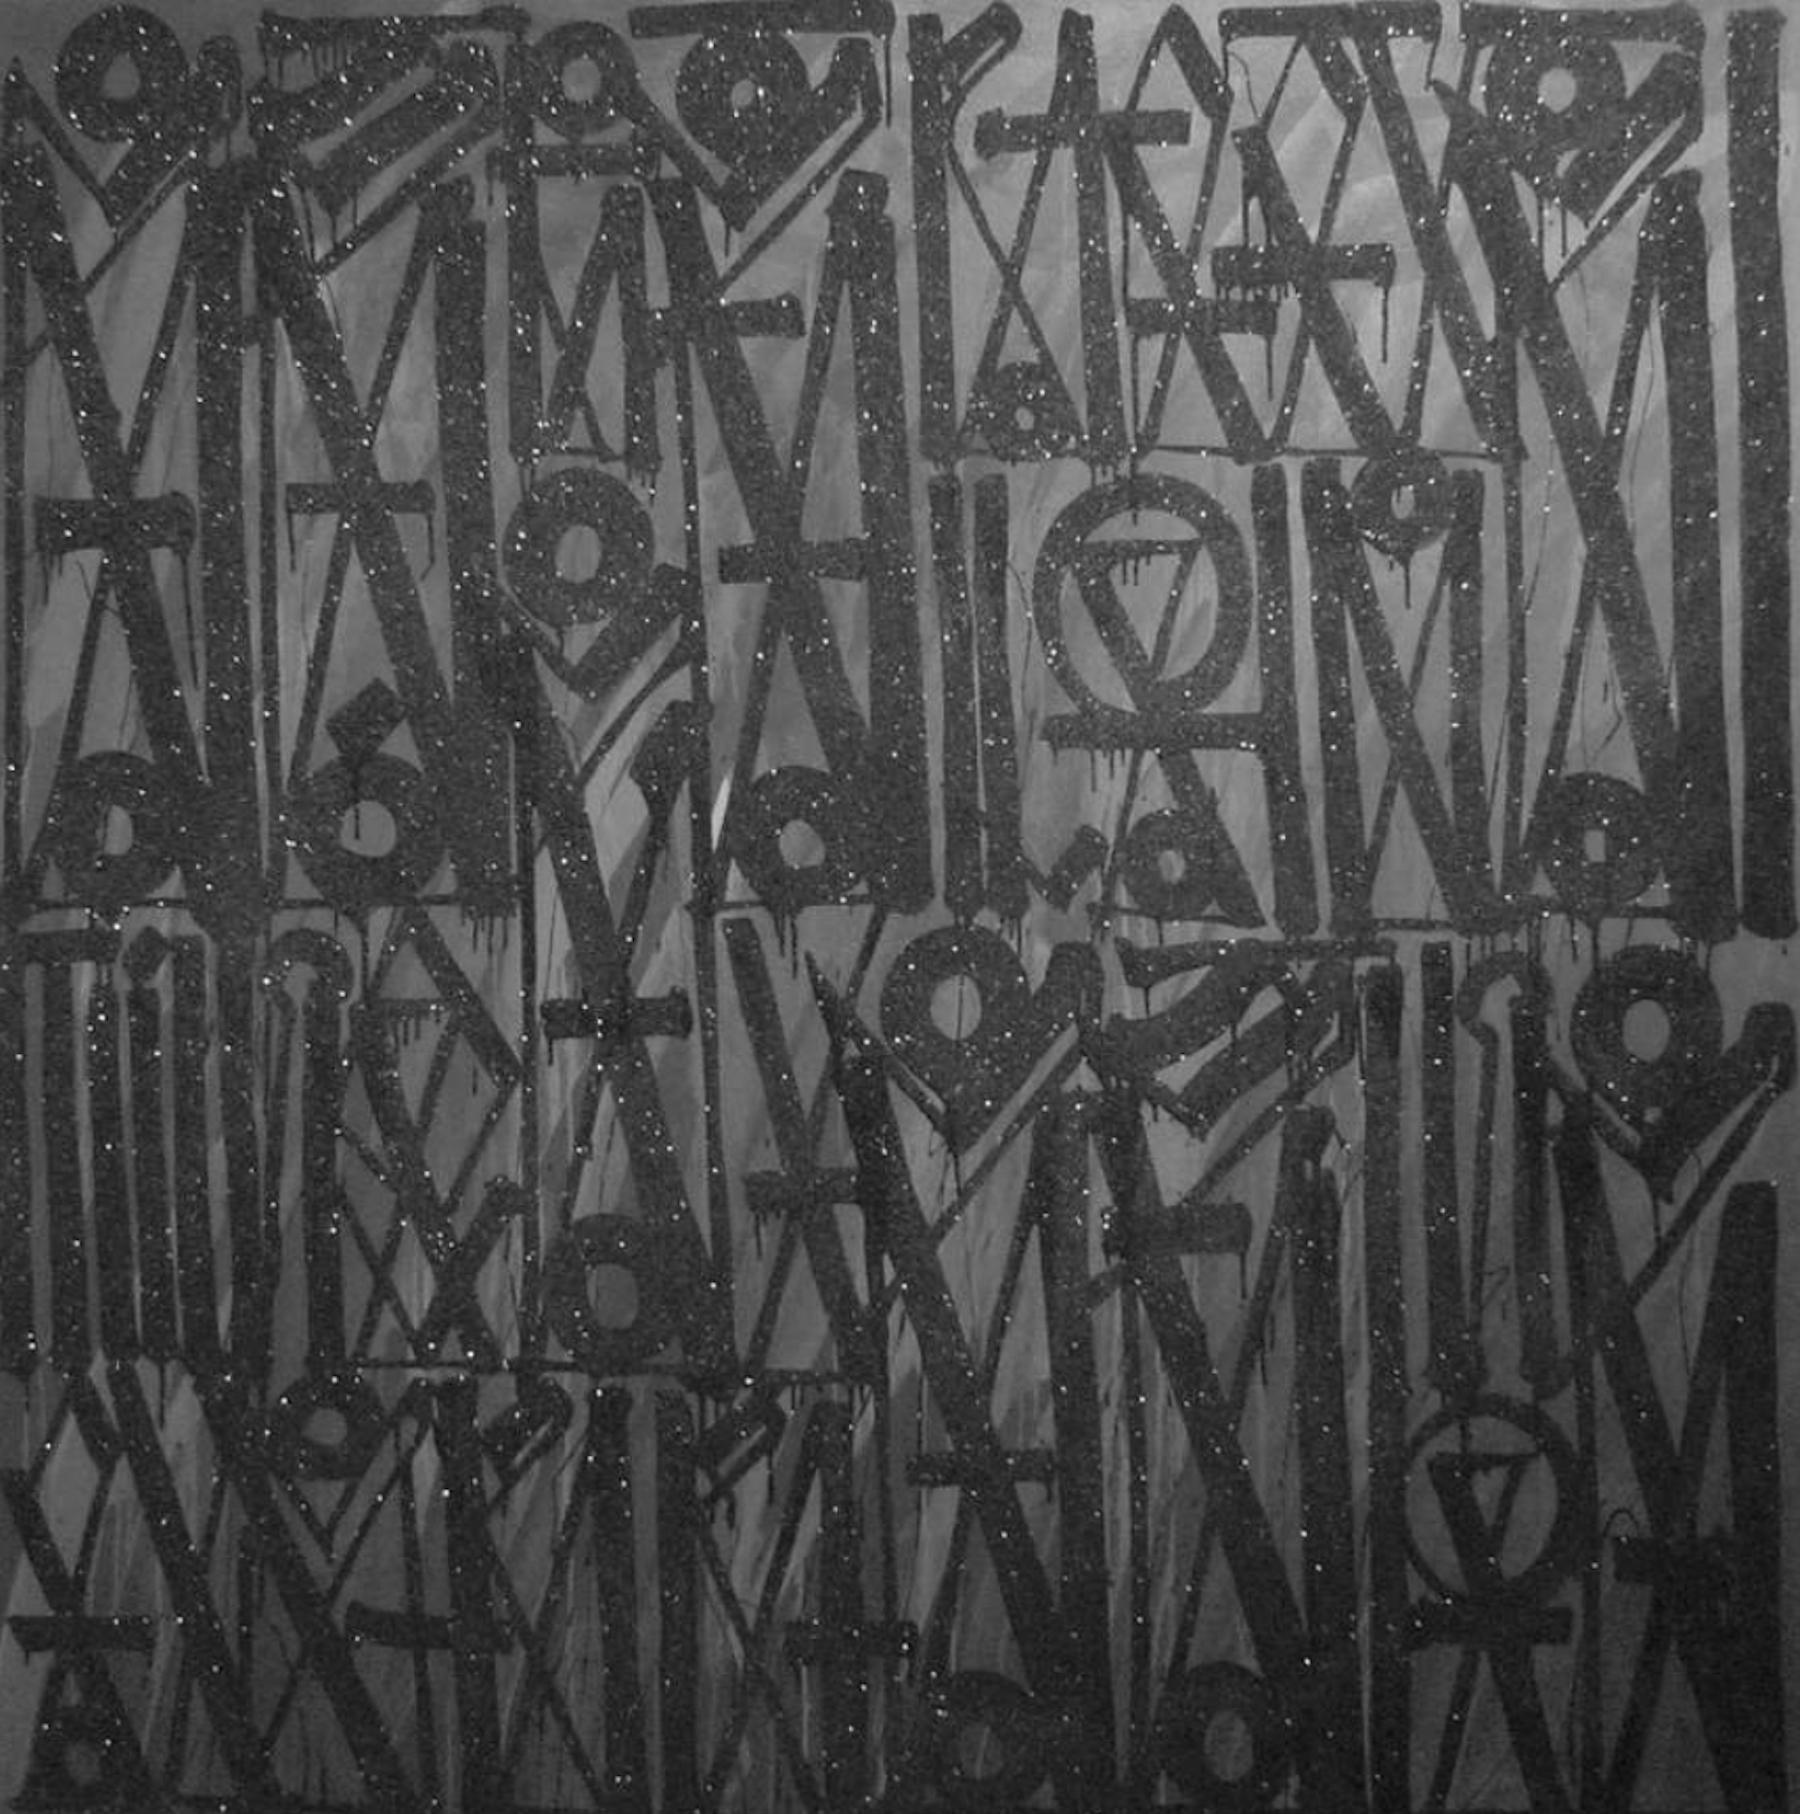 RETNA / Espero Que Va Ser La Ultima Ves Que Me Quebras / 2014 / Acrylic, enamel, and crystalline on canvas / 72 x 72 inches